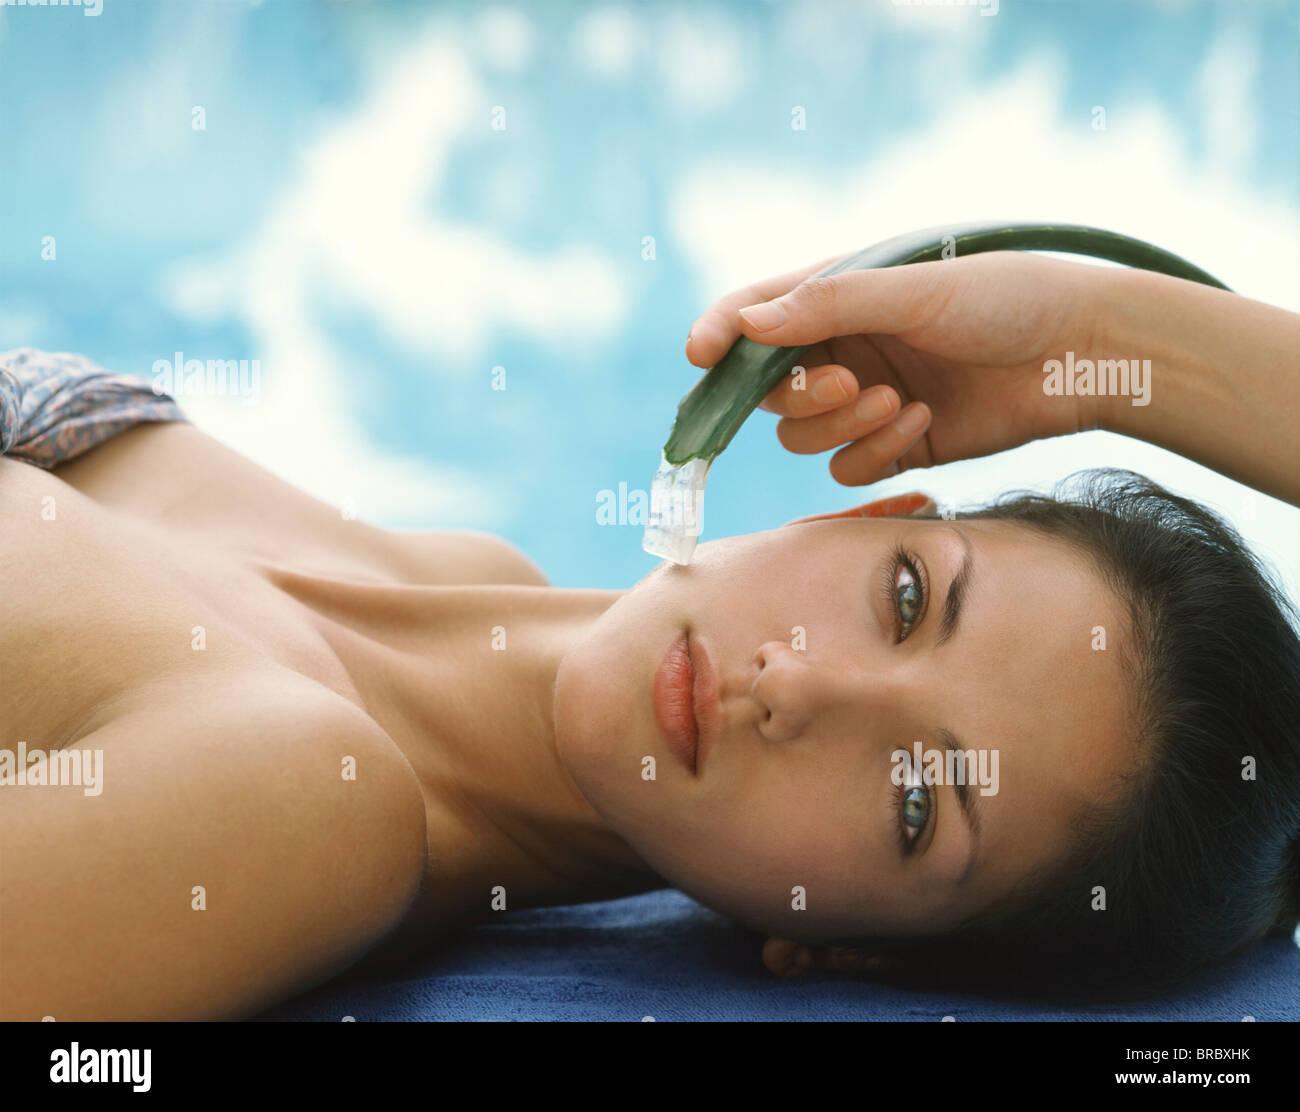 Aloe vera facial, Thailand - Stock Image